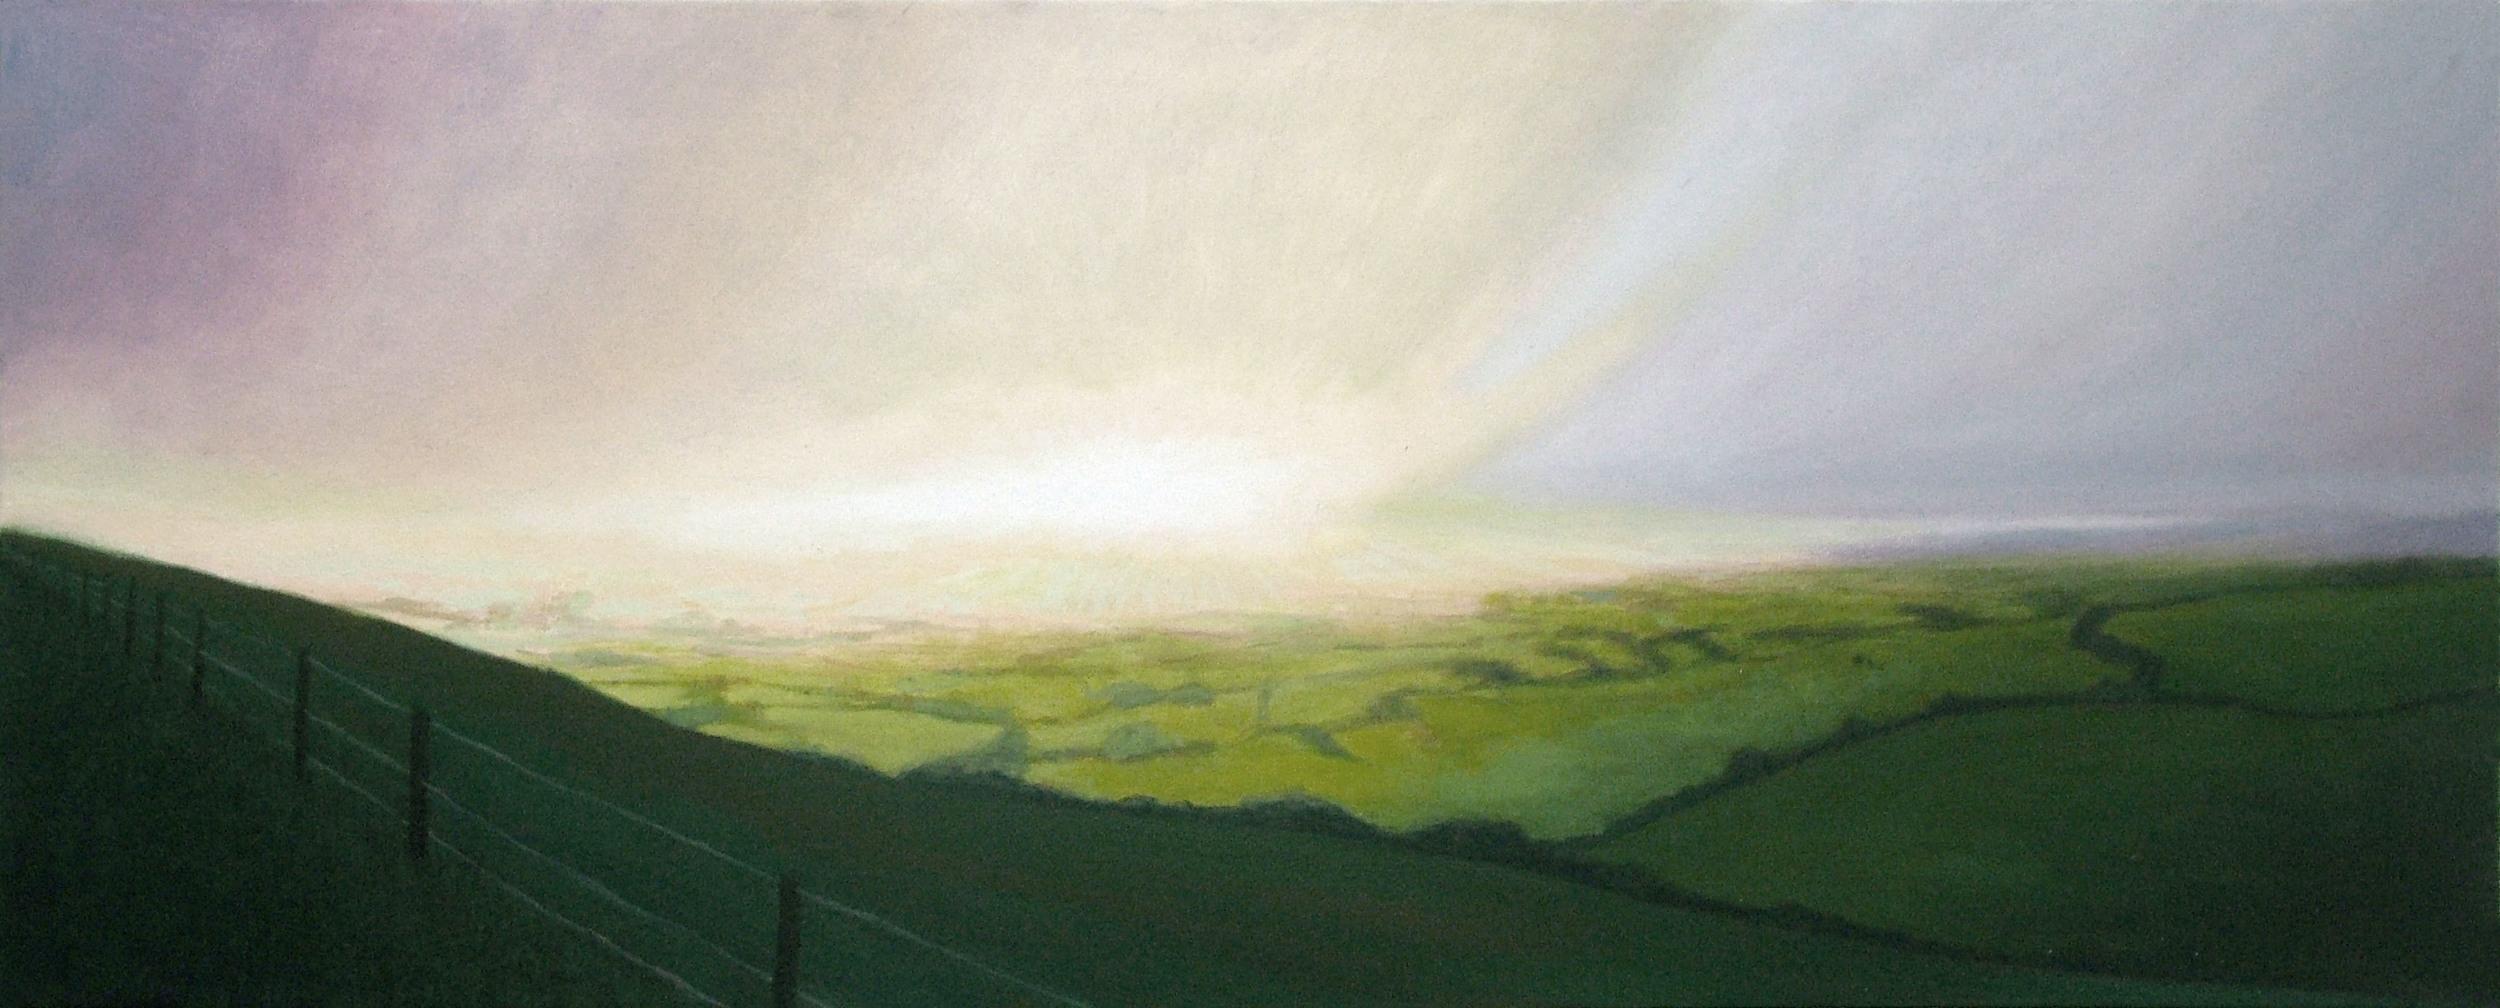 View from Eggardon Hill, West Dorset